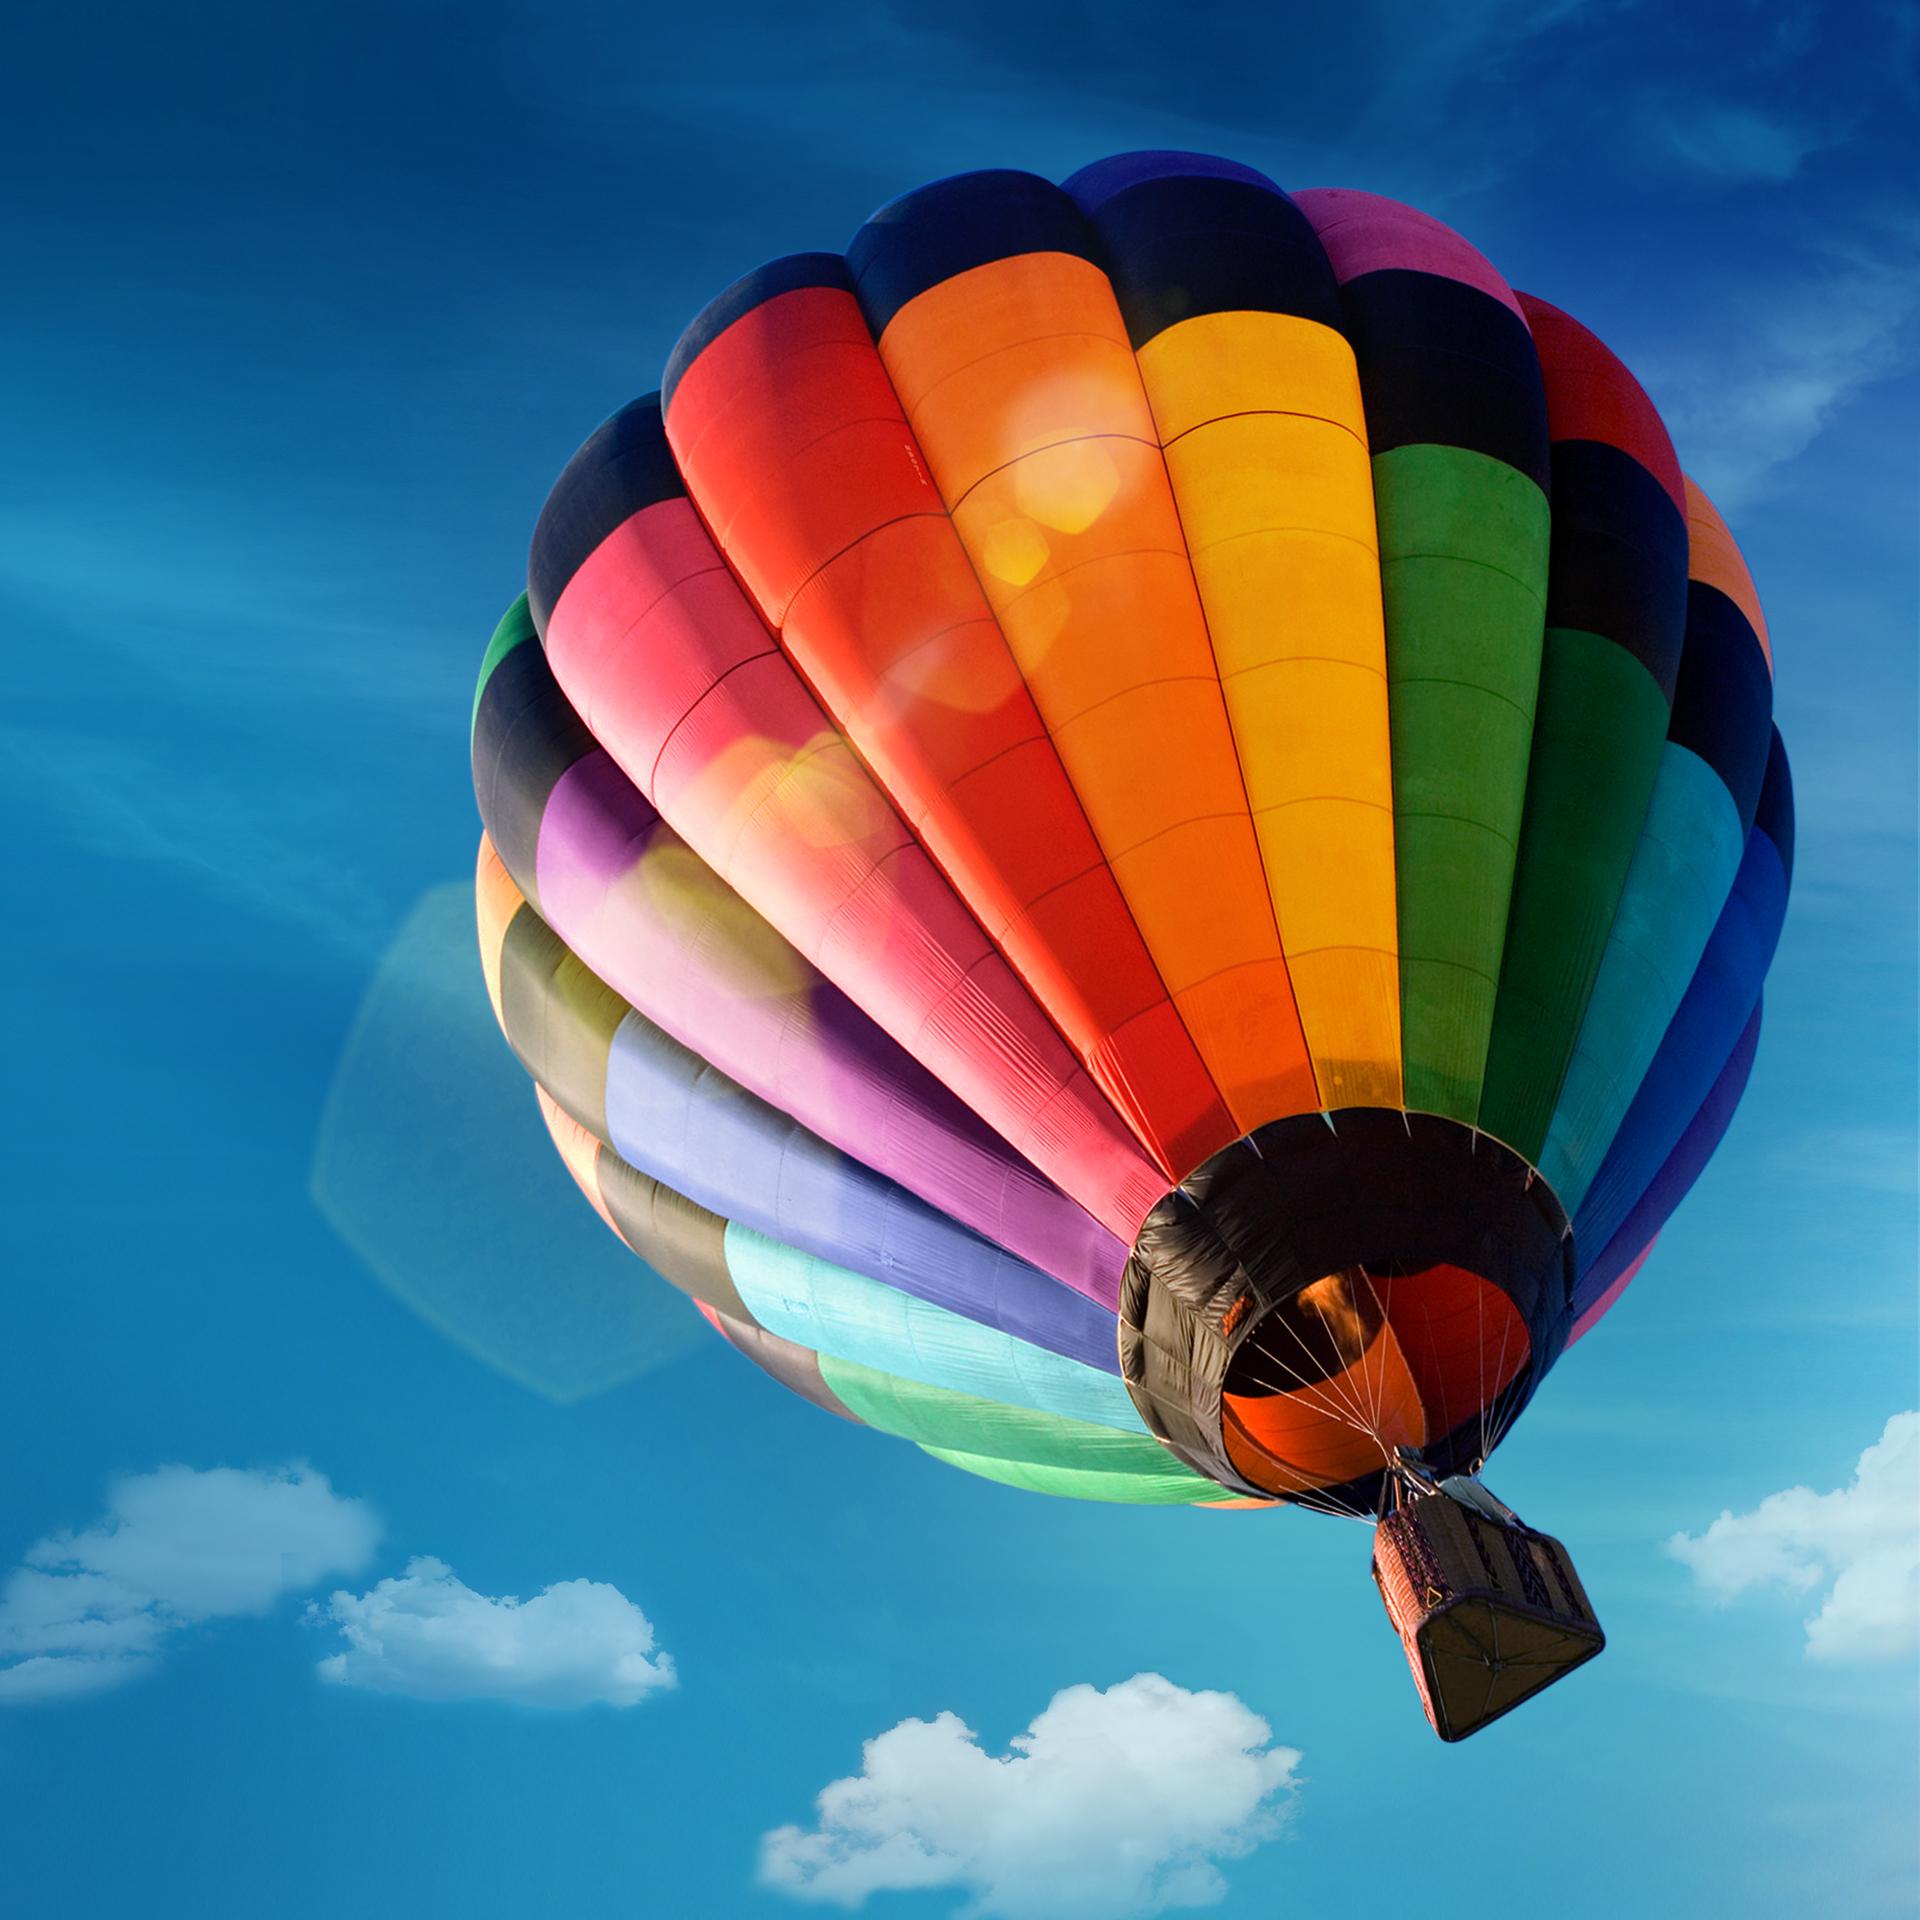 Скачать картинку Воздушные Шары, Небо, Пейзаж, Транспорт в телефон бесплатно.